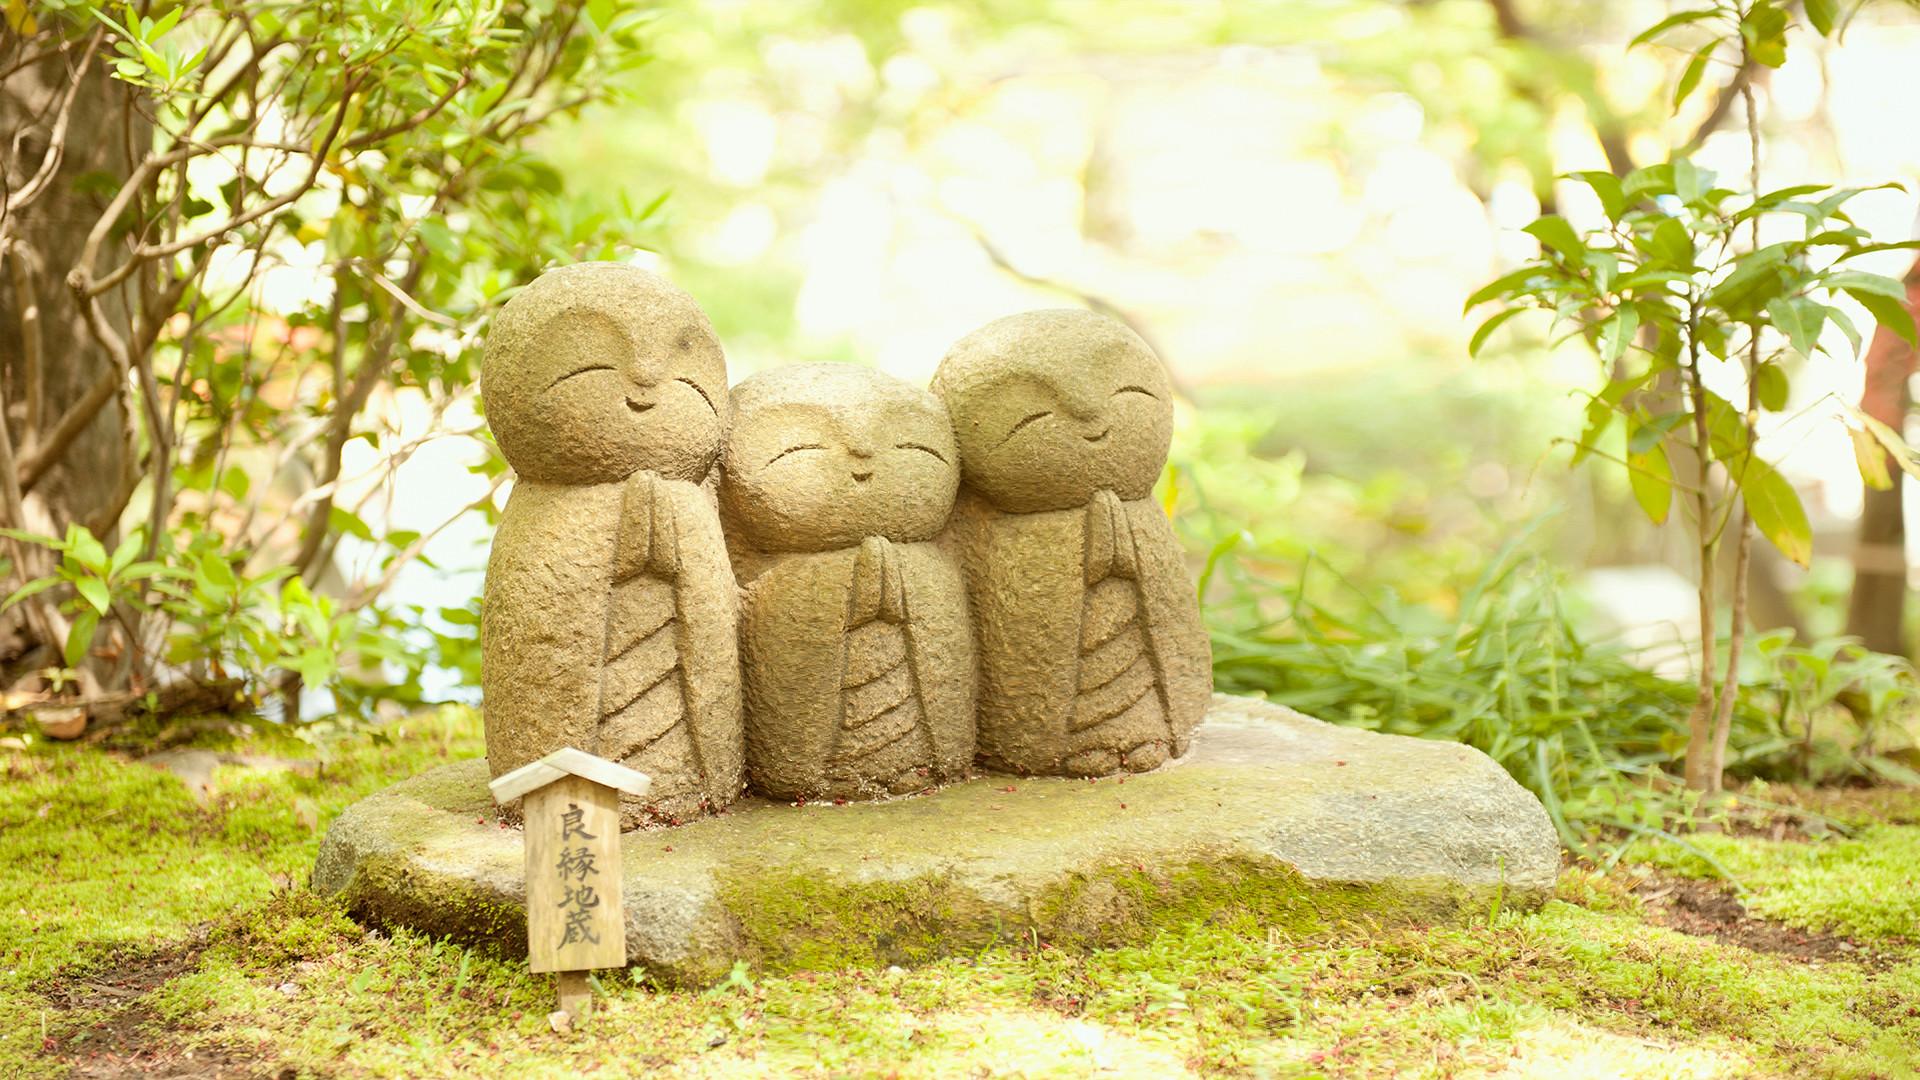 Zen Garden Iphone Wallpaper Buddha statue …